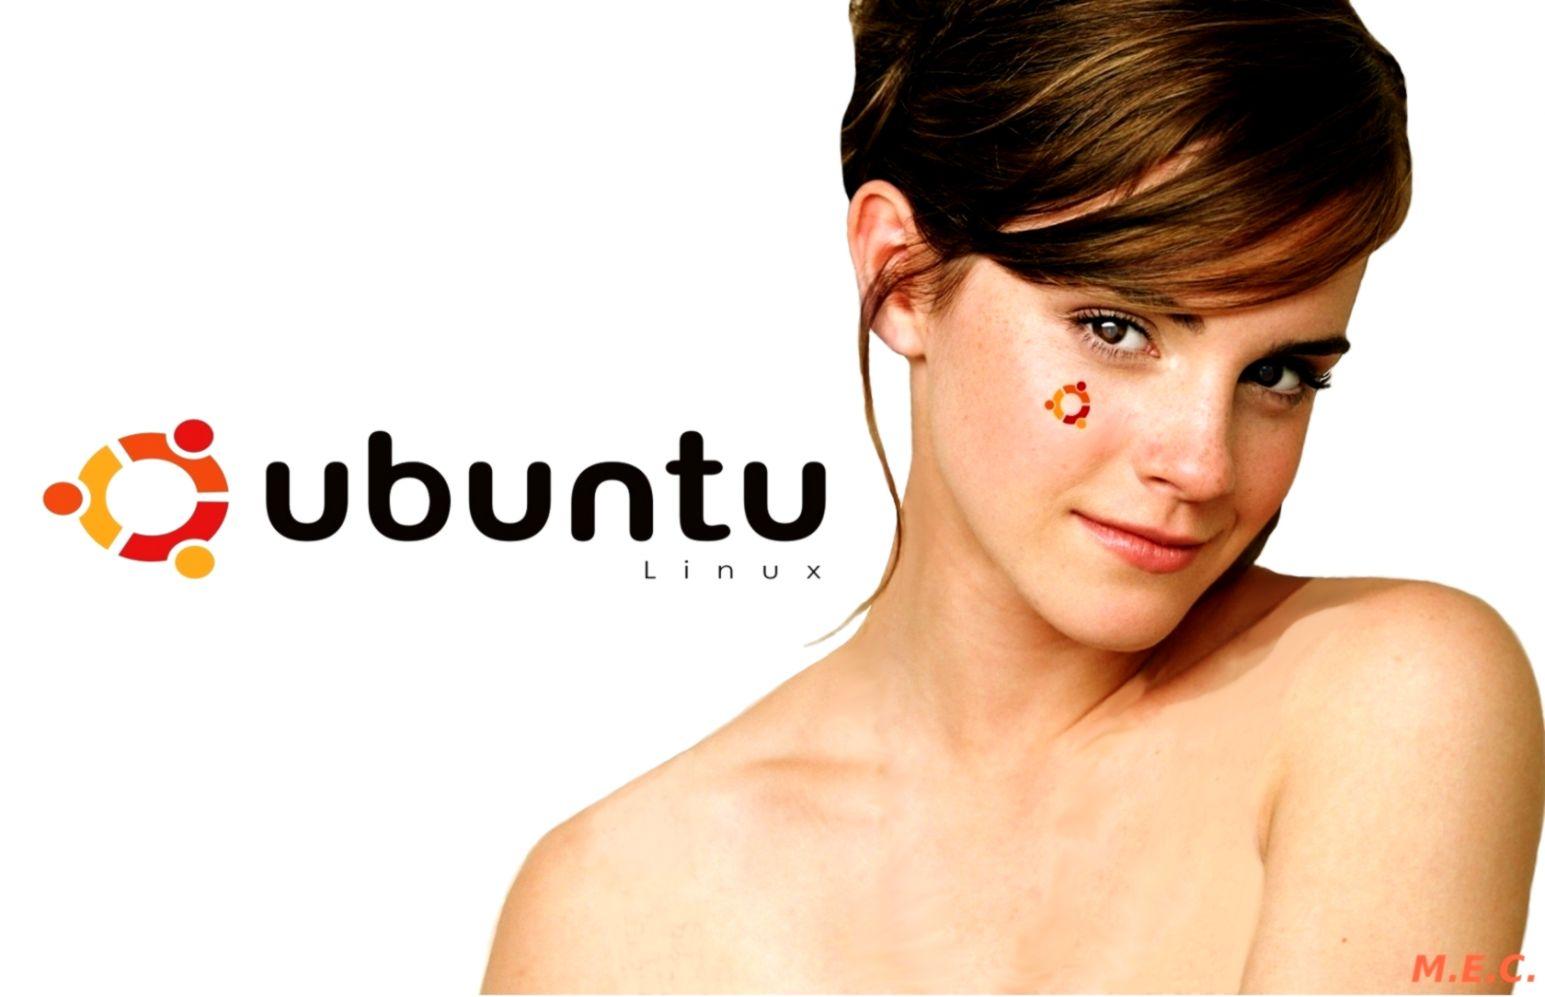 Ubuntu Wallpaper and Background Image 1680x1050 ID122453